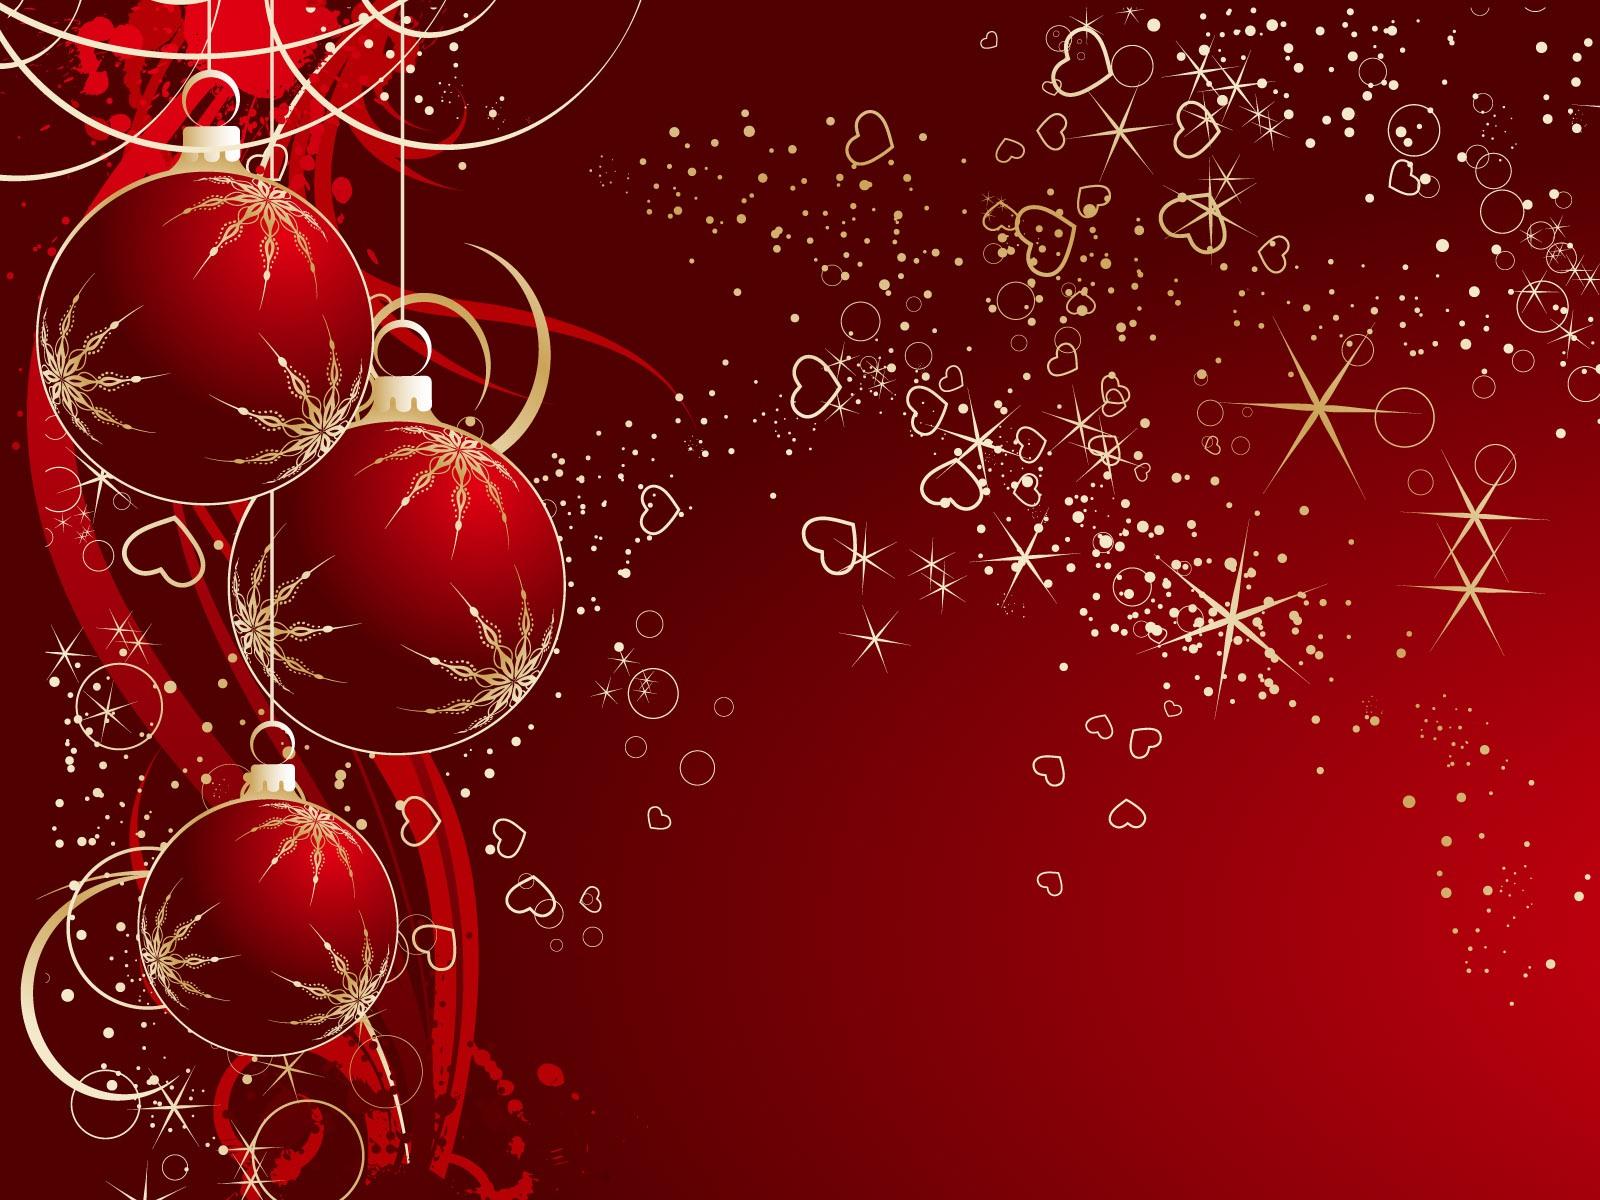 Christmas Wallpaper For Twitter 1600x1200